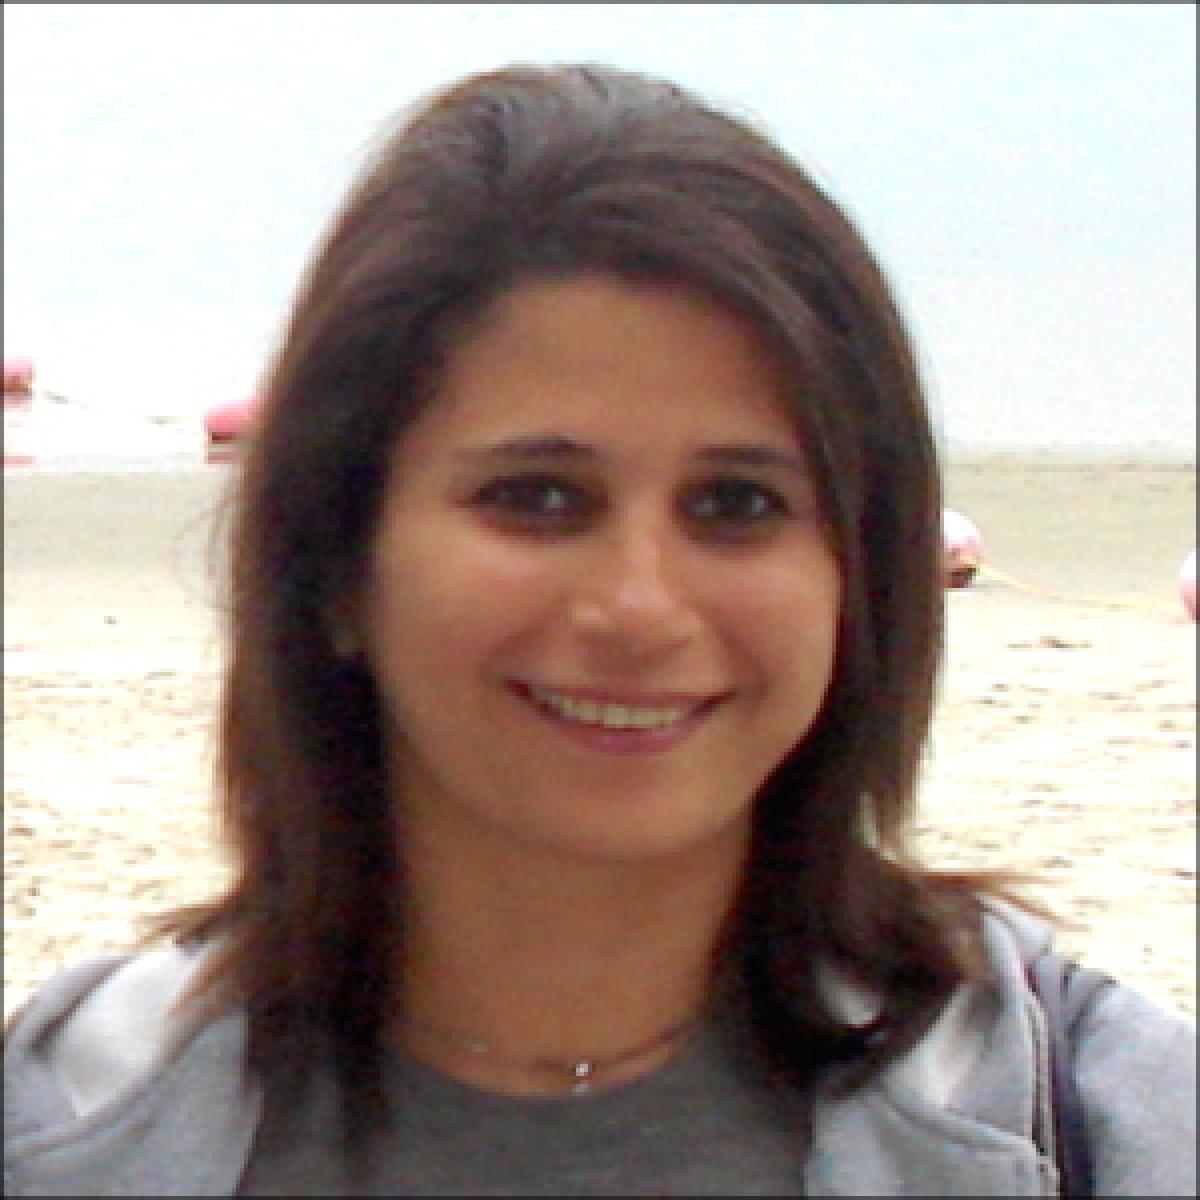 L&K Saatchi & Saatchi appoints Delna Sethna as CCO